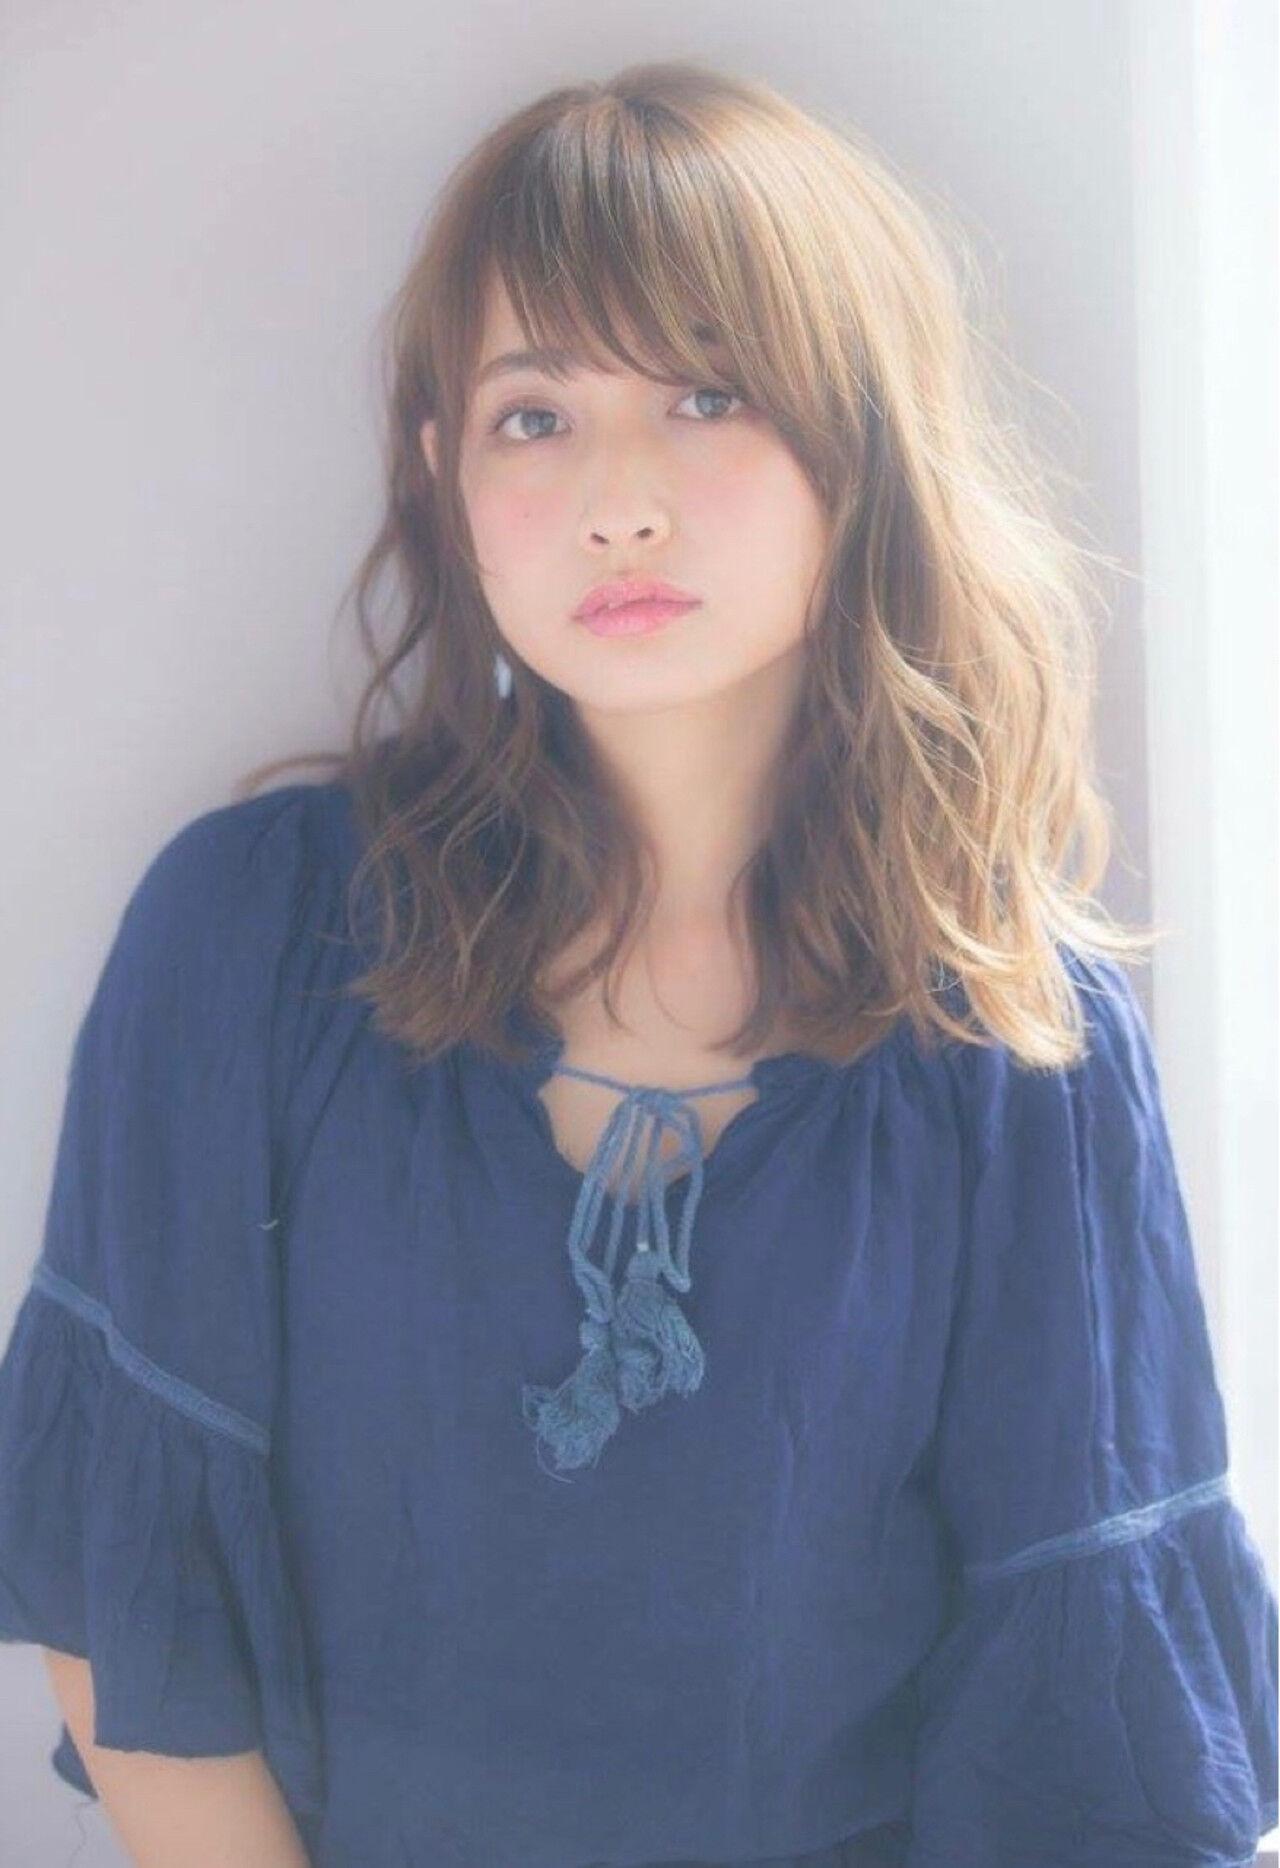 前髪あり パーマ デート 簡単ヘアアレンジヘアスタイルや髪型の写真・画像